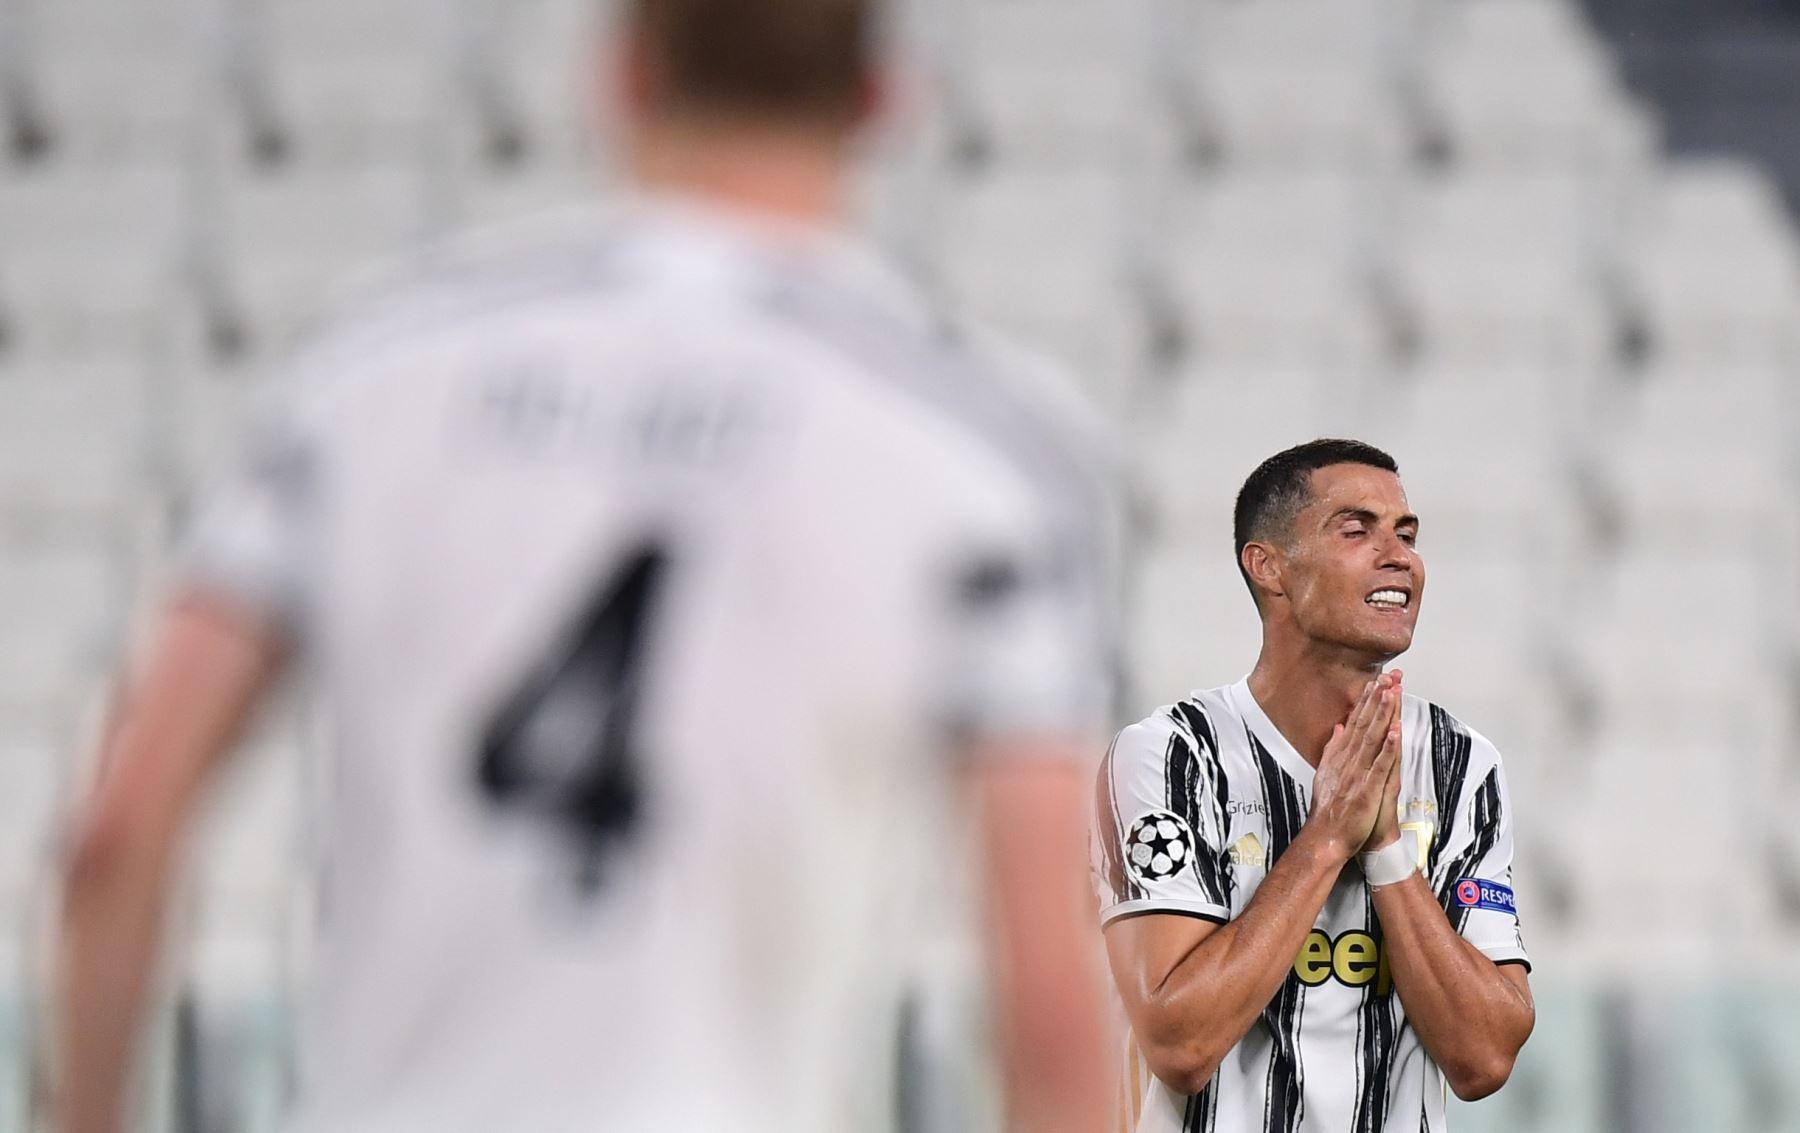 El delantero portugués de la Juventus, Cristiano Ronaldo, reacciona durante el partido de vuelta de los octavos de final de la Liga de Campeones de la UEFA entre la Juventus y el Olympique Lyonnais (OL),